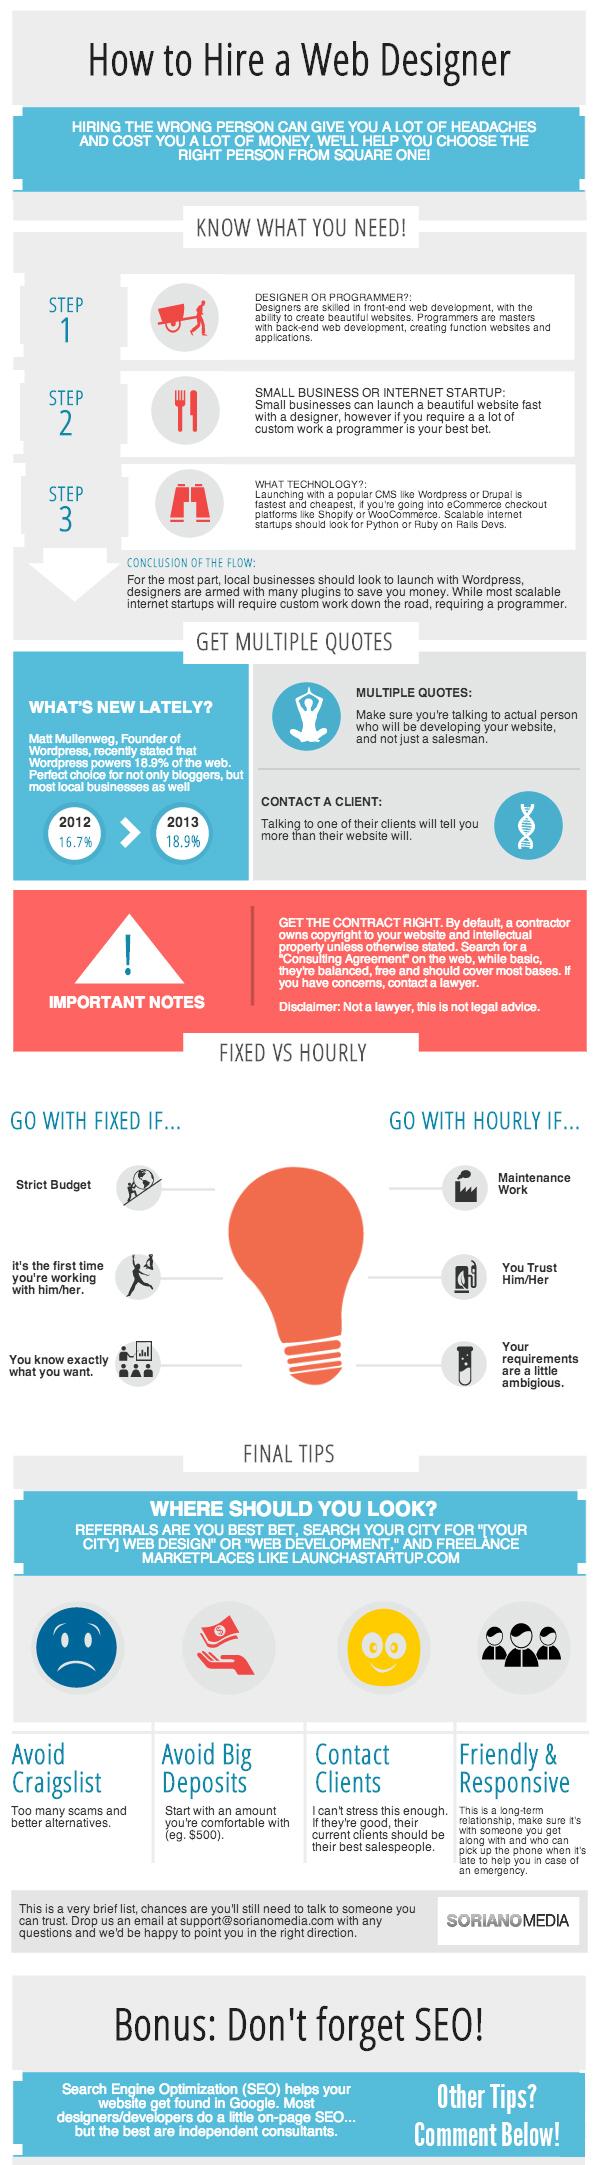 How To Hire A Web Designer Infografia Infographic Design Web Design Web Development Design Infographic